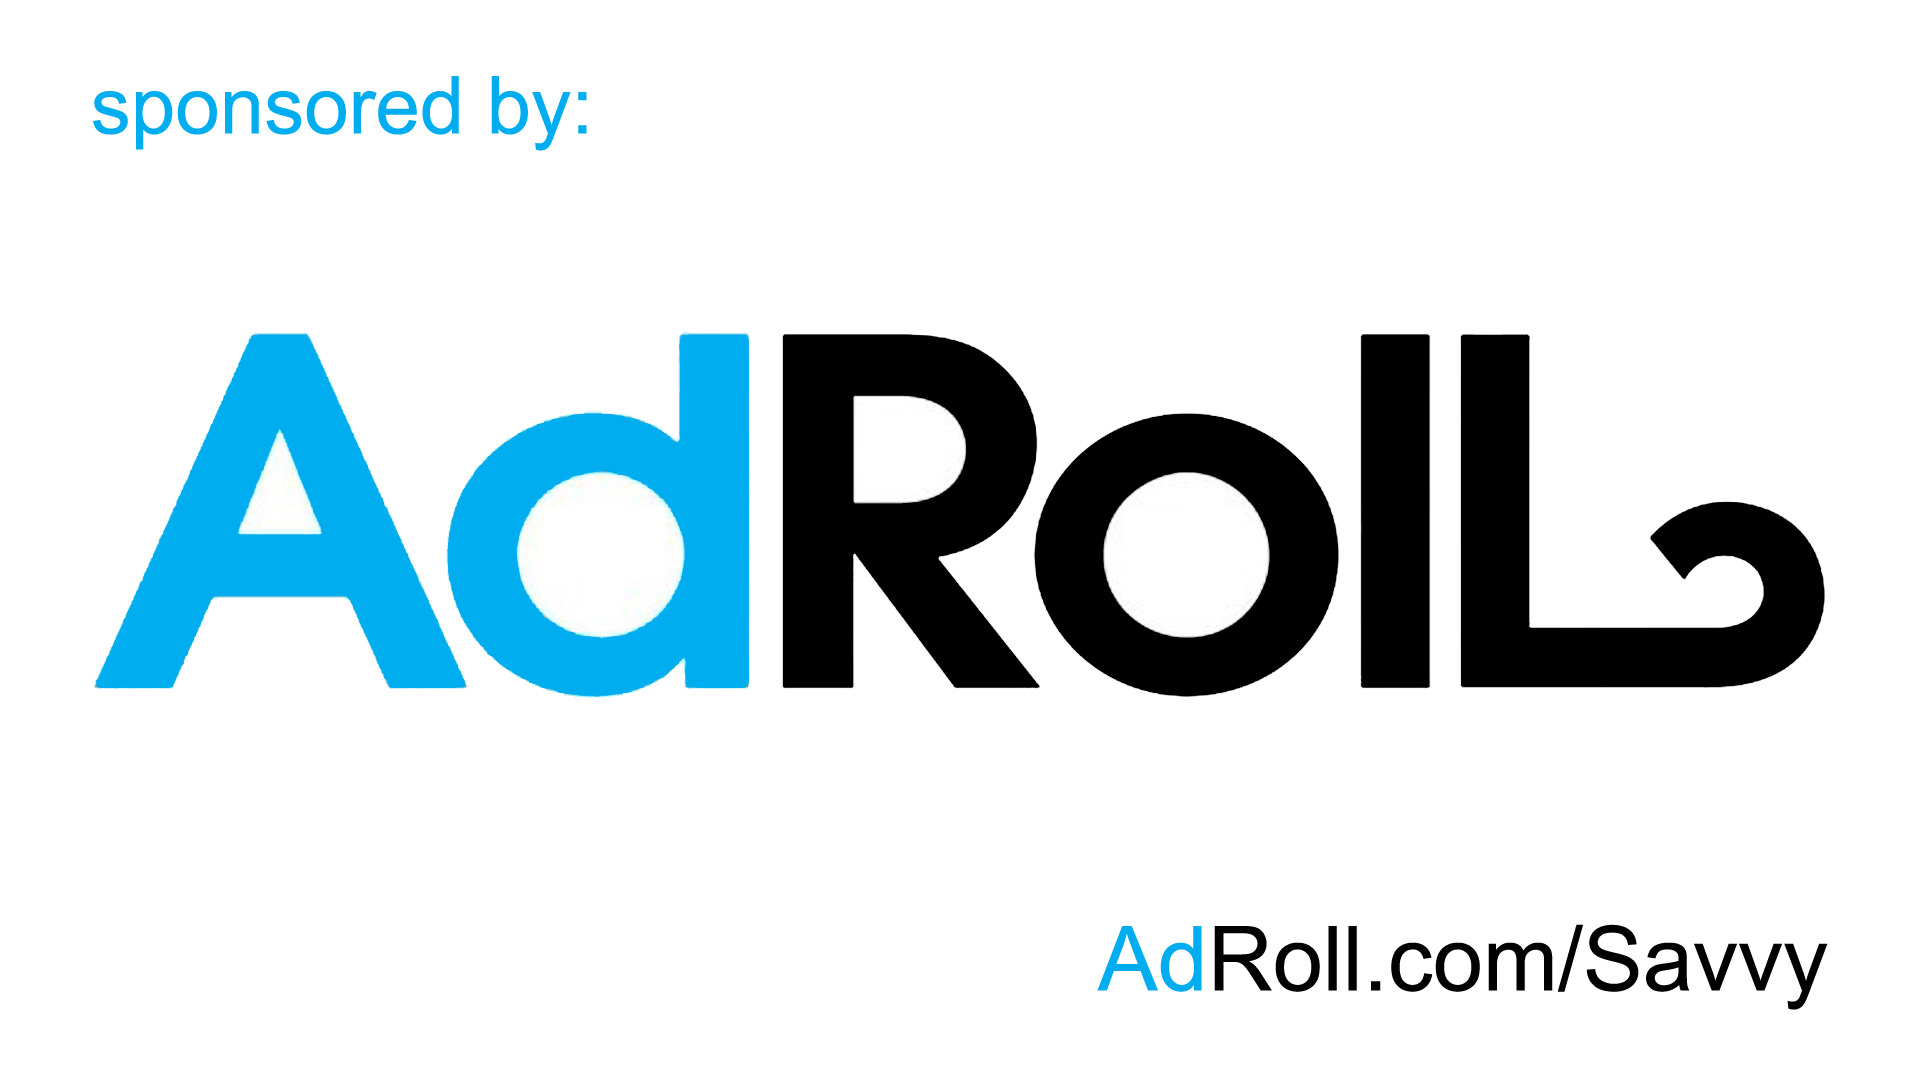 ad_roll_1080x1920.jpg